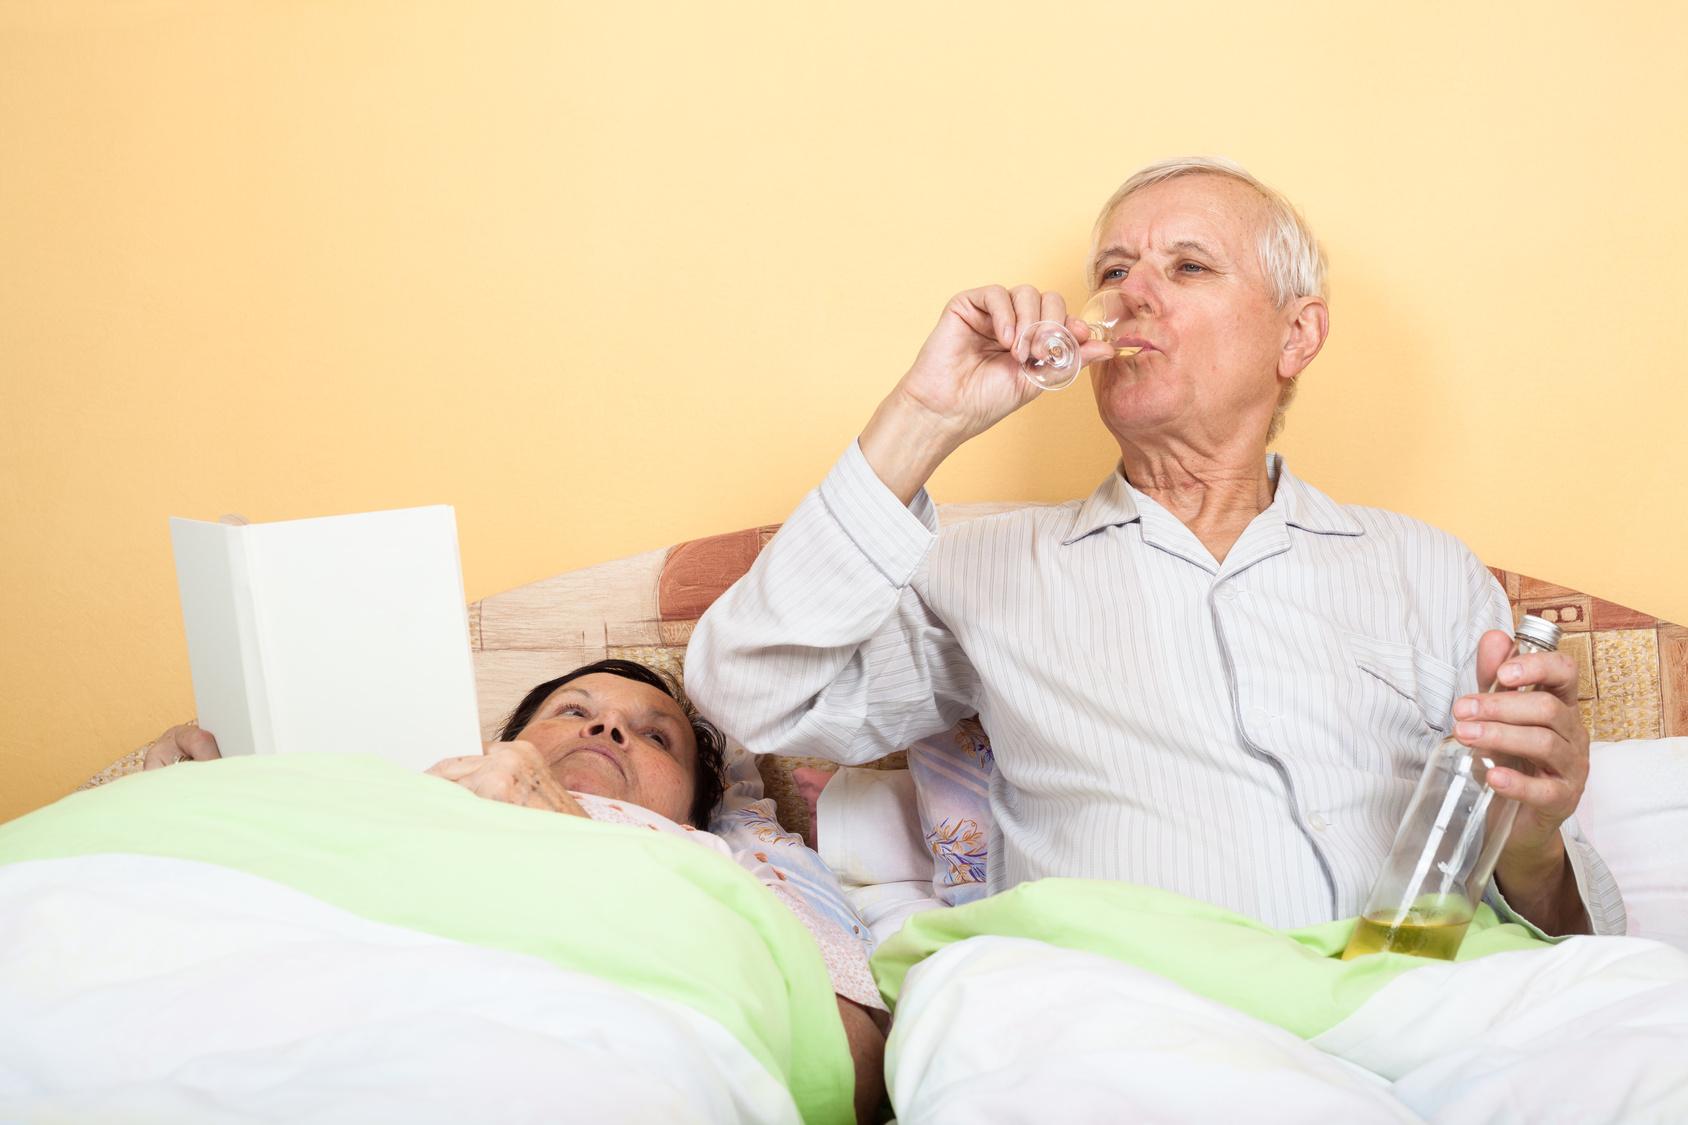 Заговоры от пьянства, как помогают заговоры при алкоголизме